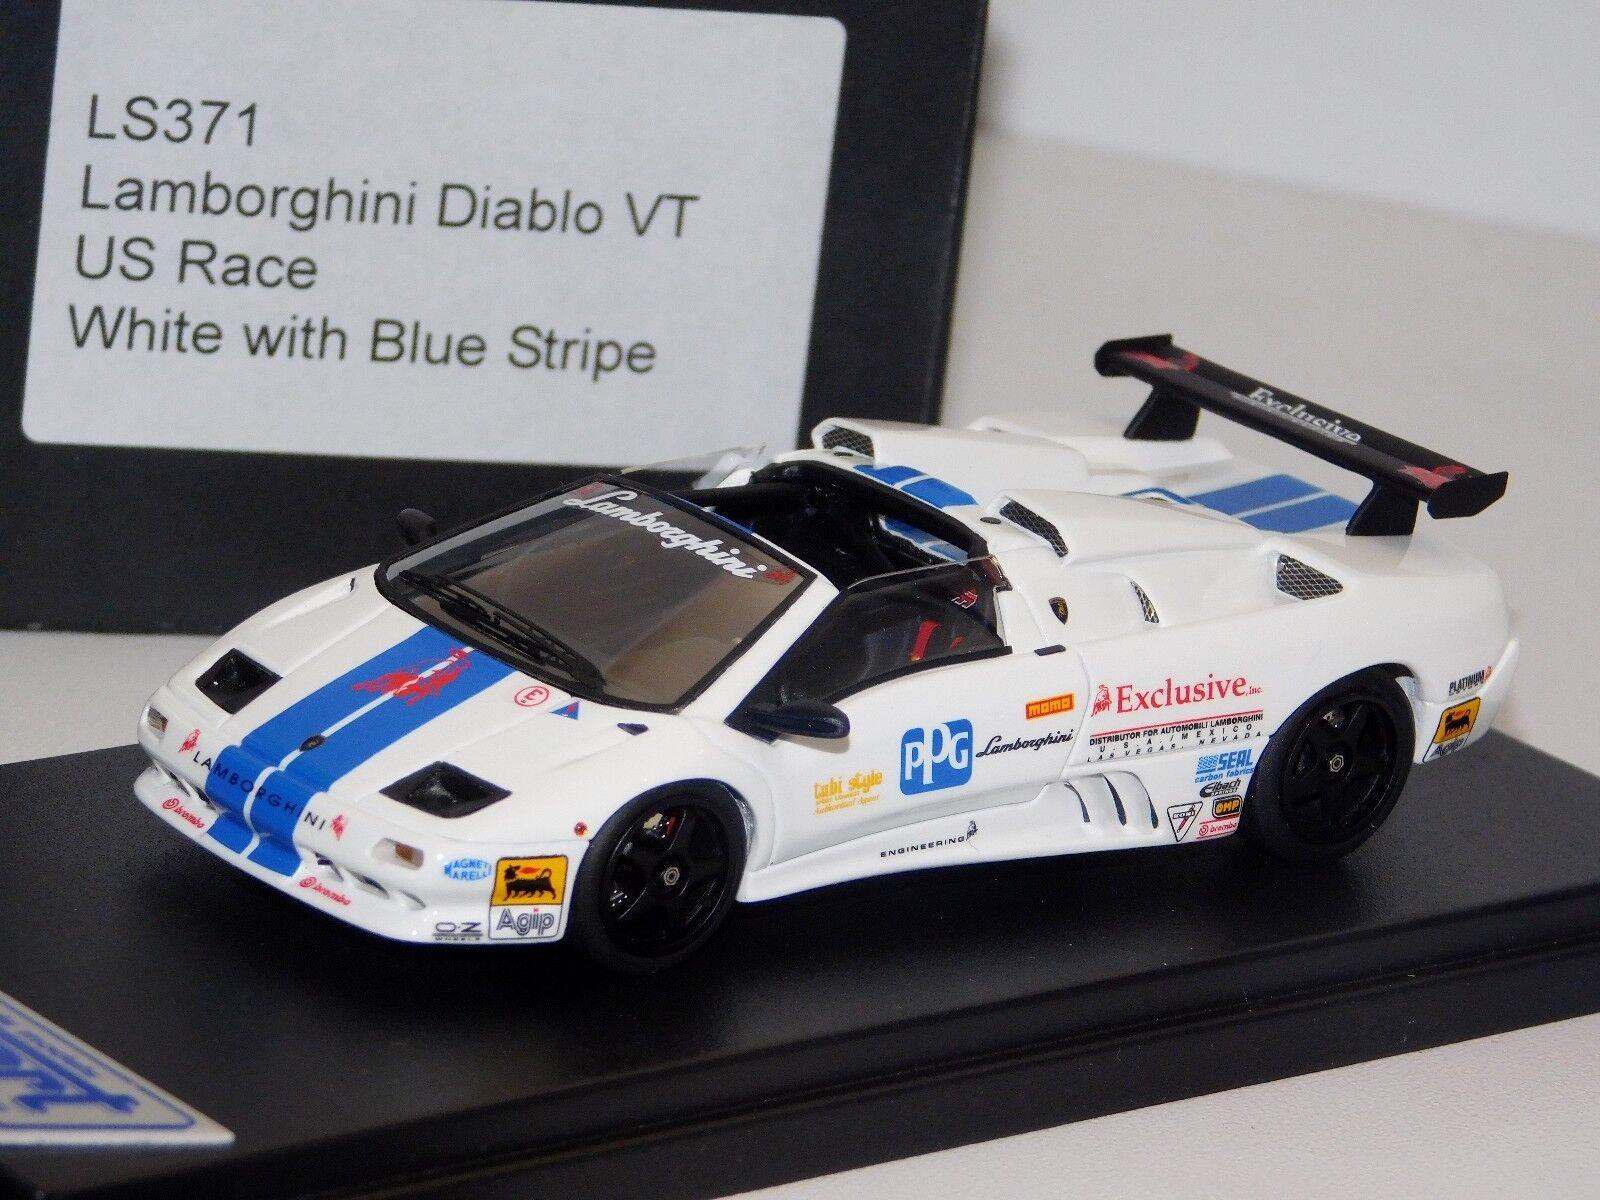 LAMBORGHINI DIABLO VT US RACE VITE   blå STRIPER LOCKSMkonst LS371  43